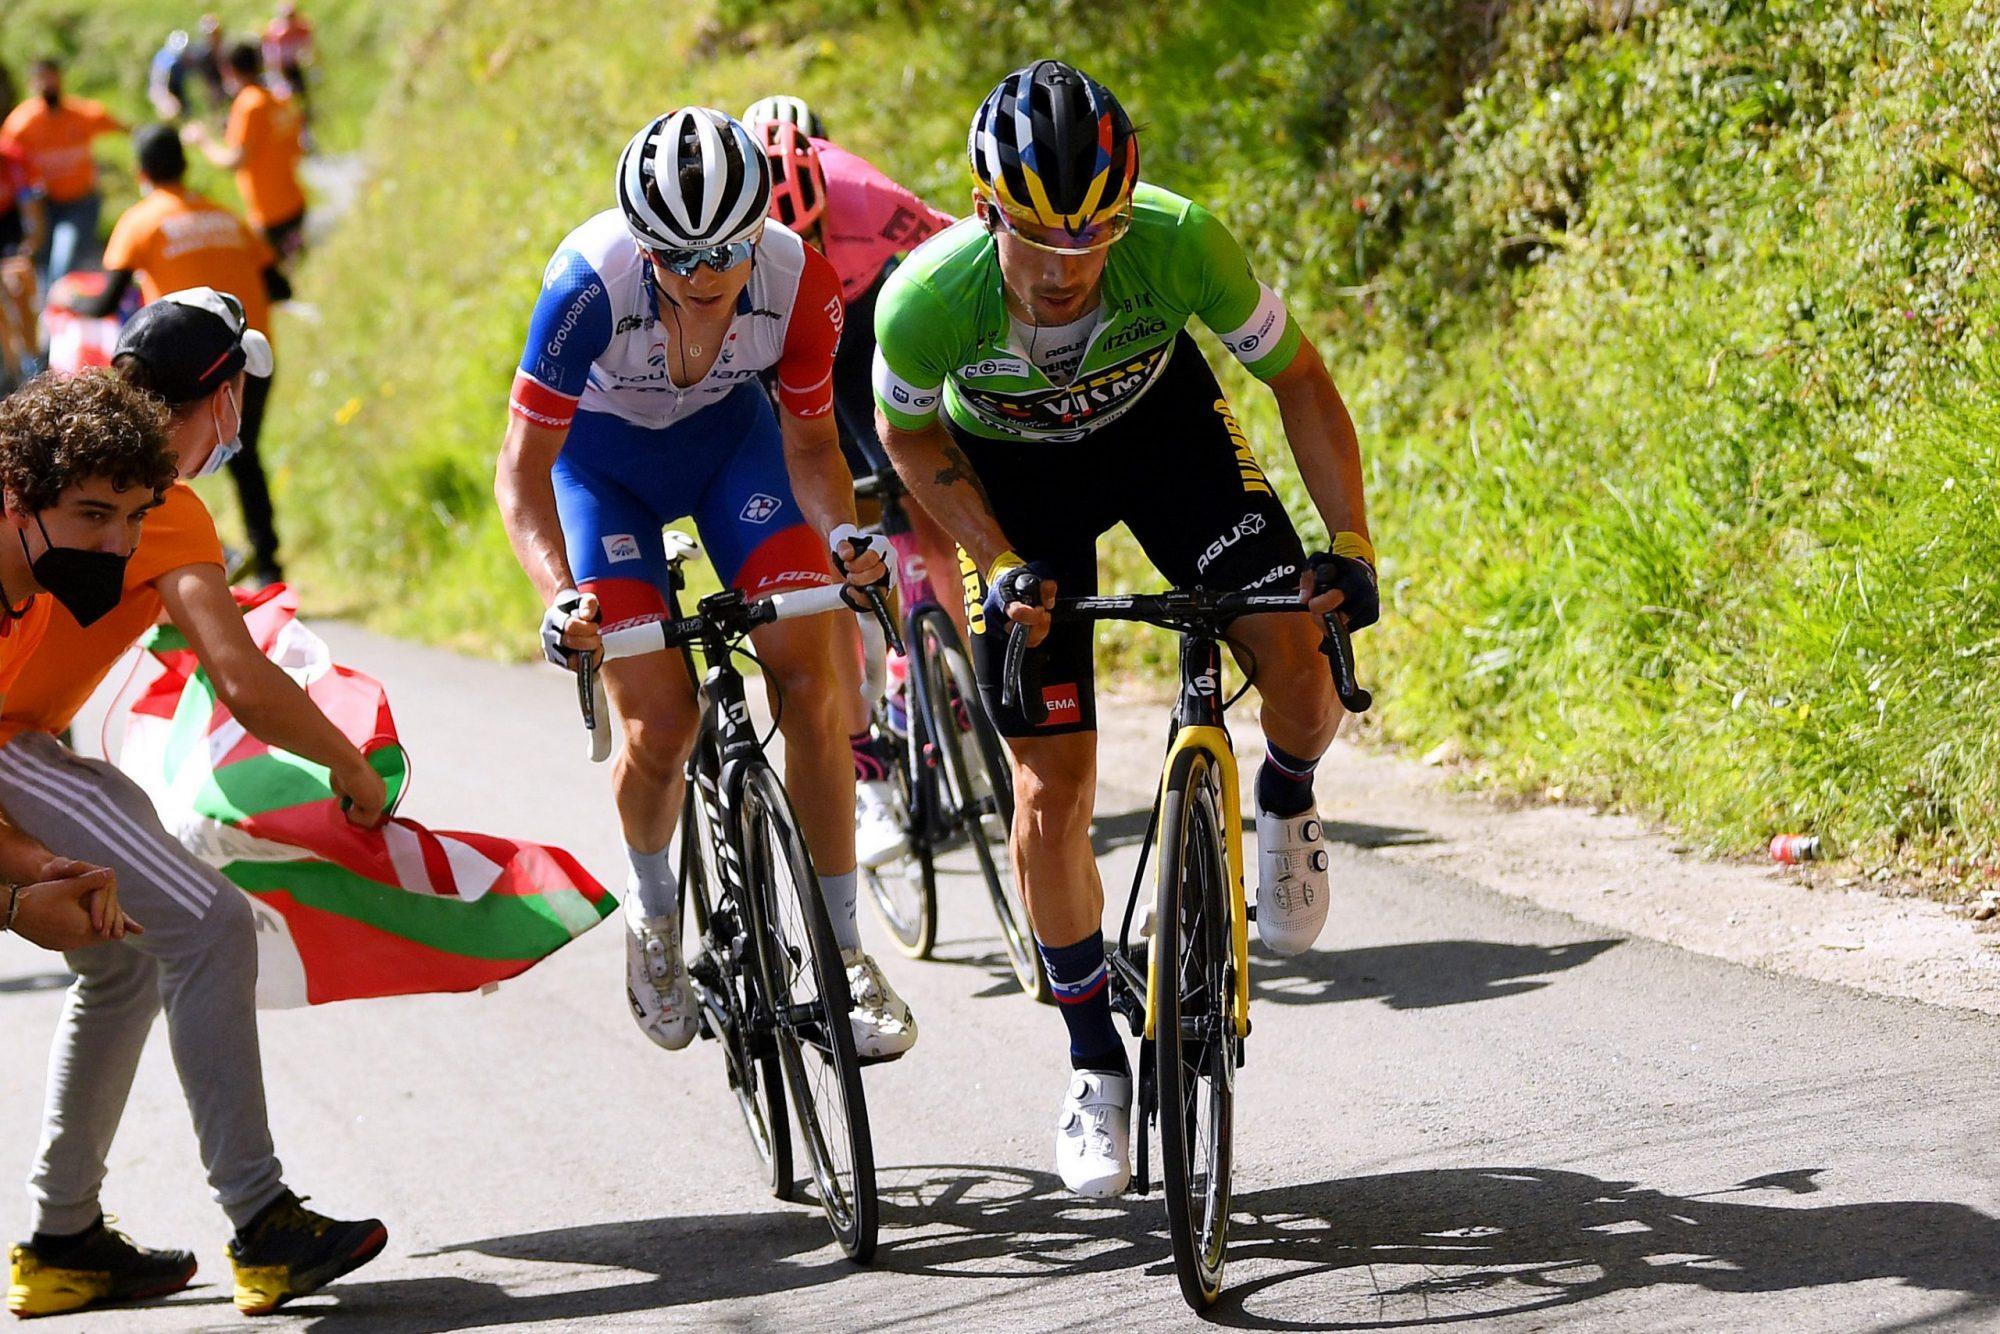 Primož Roglič lors de la palpitante victoire du Tour du Pays basque: «Aujourd'hui, c'était tout simplement magnifique.  Je me suis amusé toute la scène '